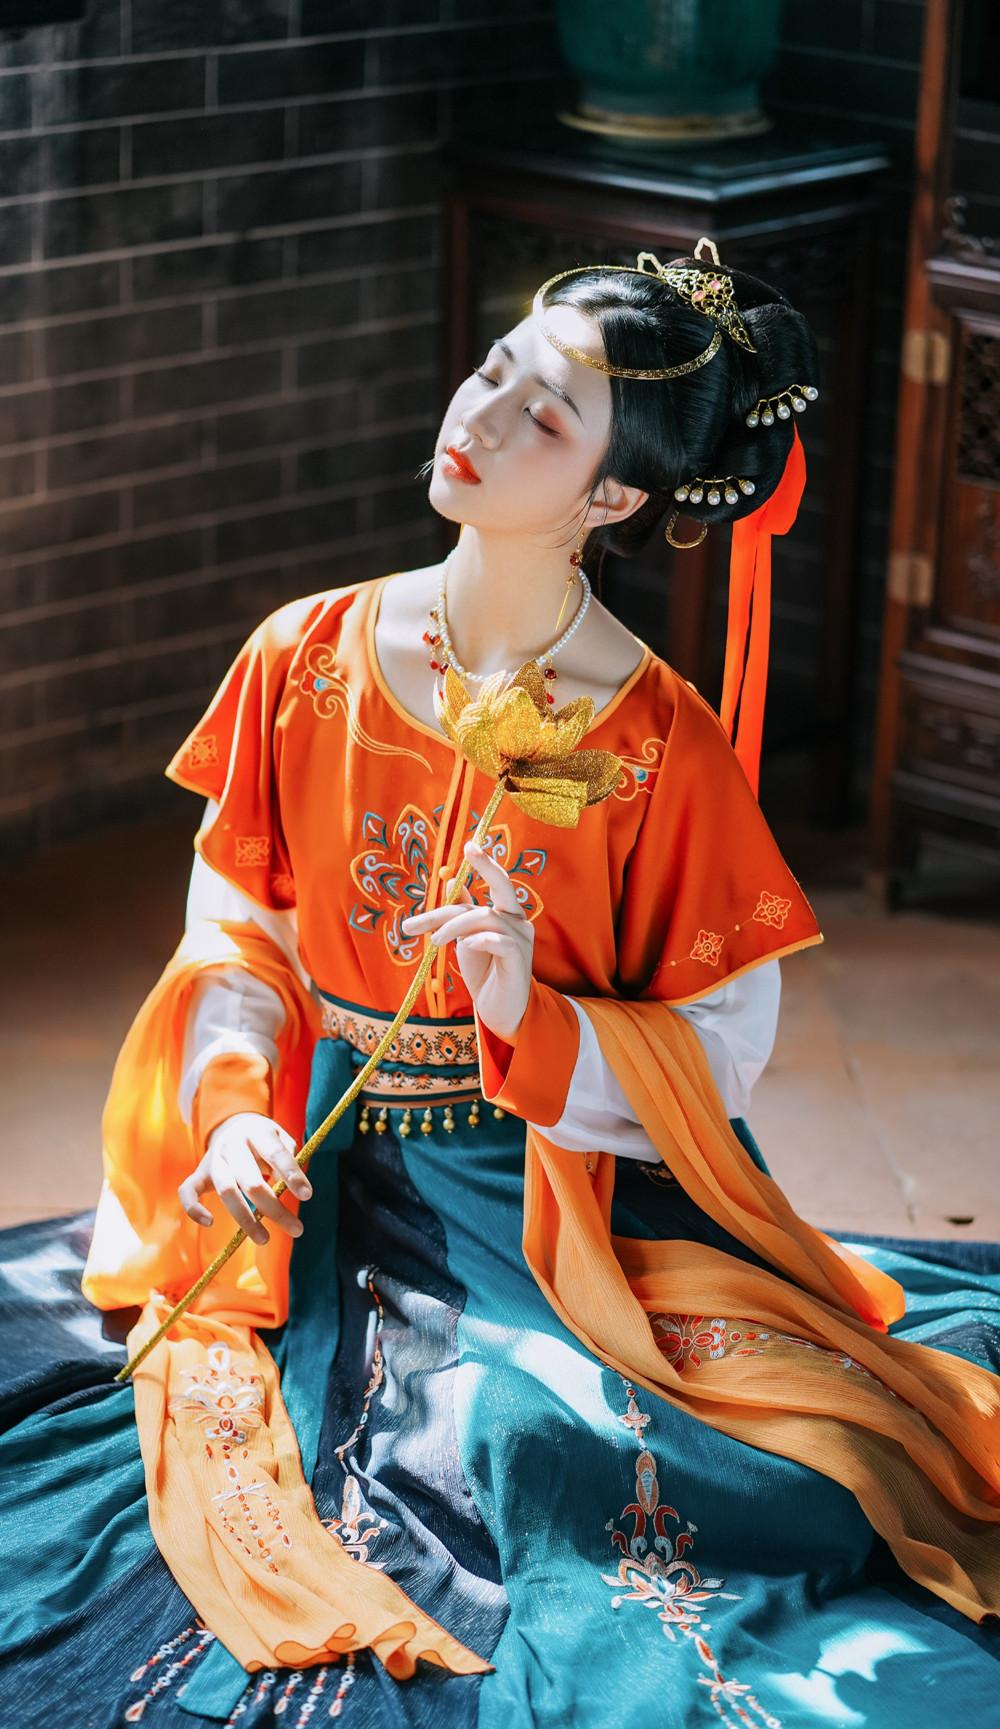 敦煌壁画走出的汉服仙女,娇颌微抬玉足轻点,与落日共舞